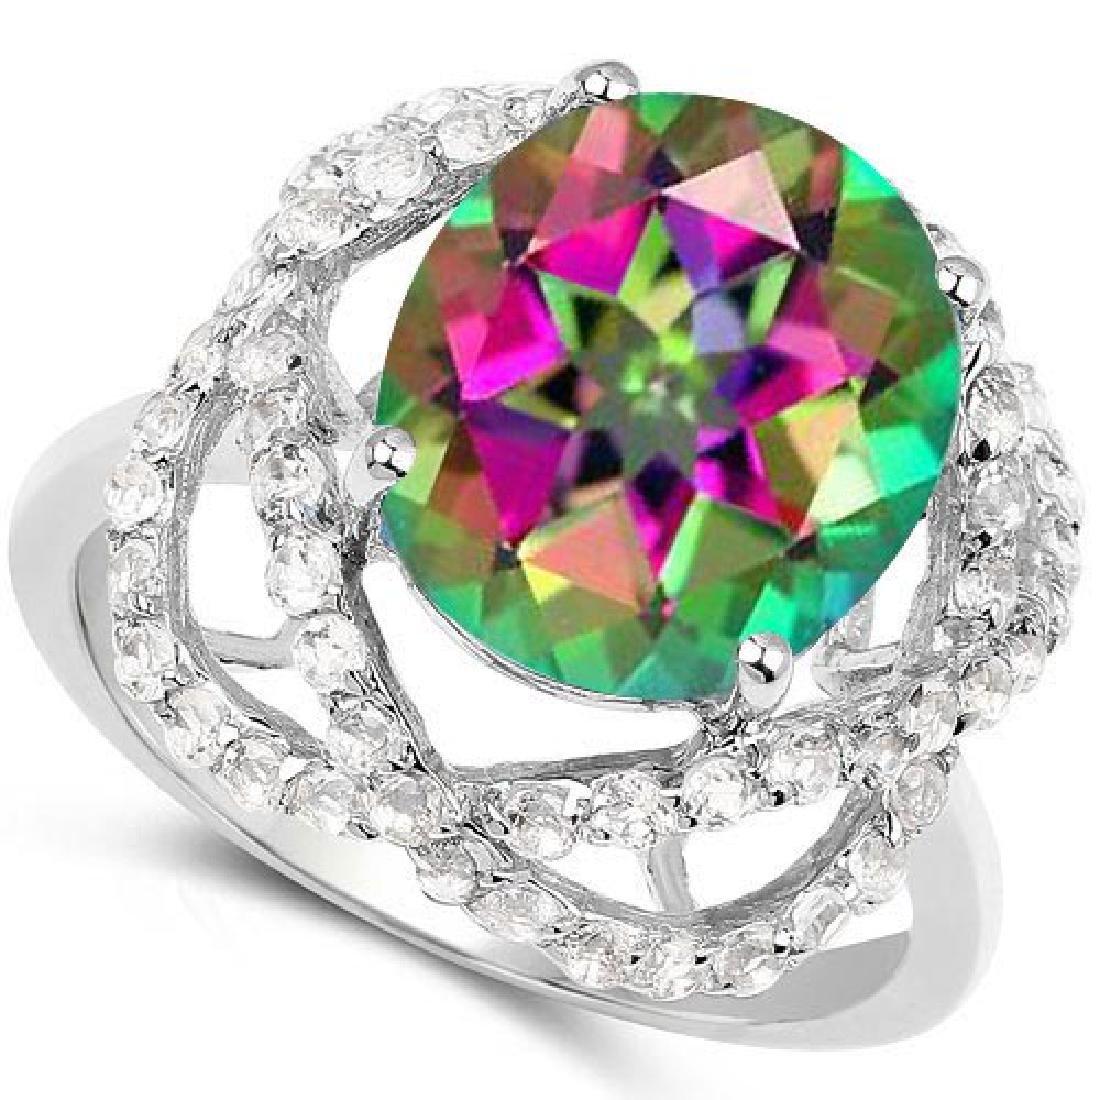 Certified 1.90 Ctw. Genuine Mystic Topaz And Diamond 14